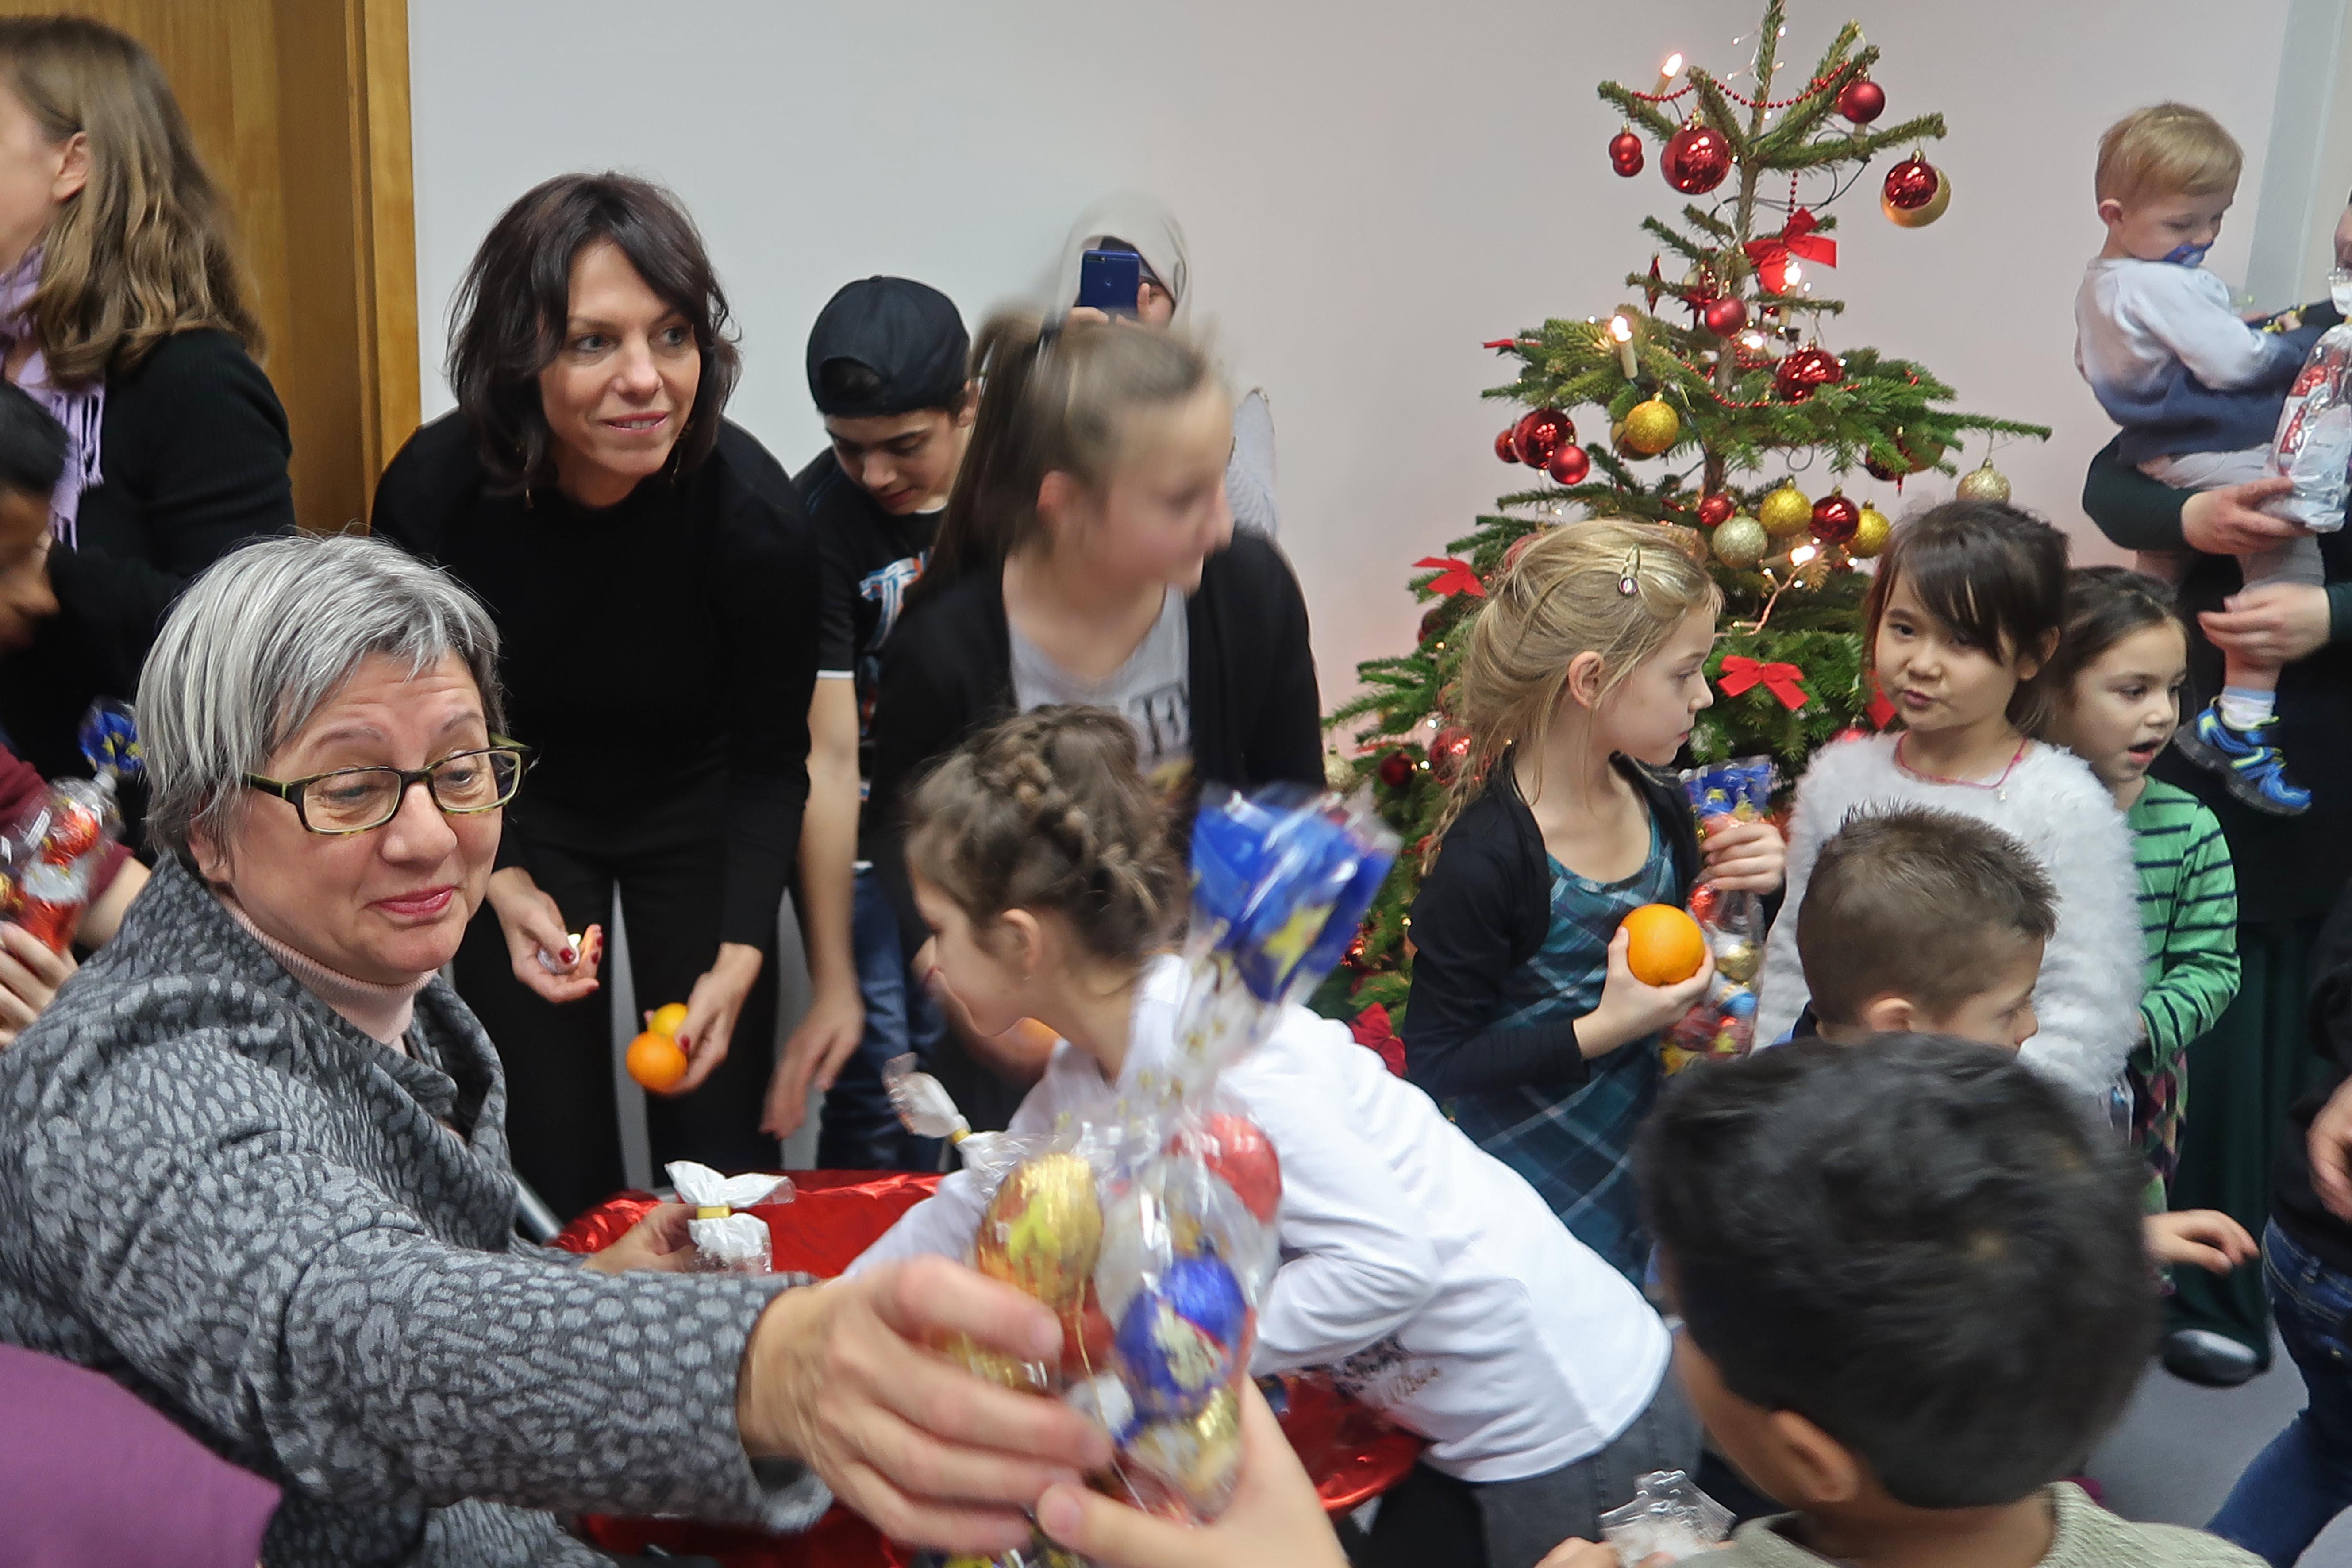 Weihnachtsfeier in einem Wohnheim für geflüchtete Menschen in Werder (Havel)